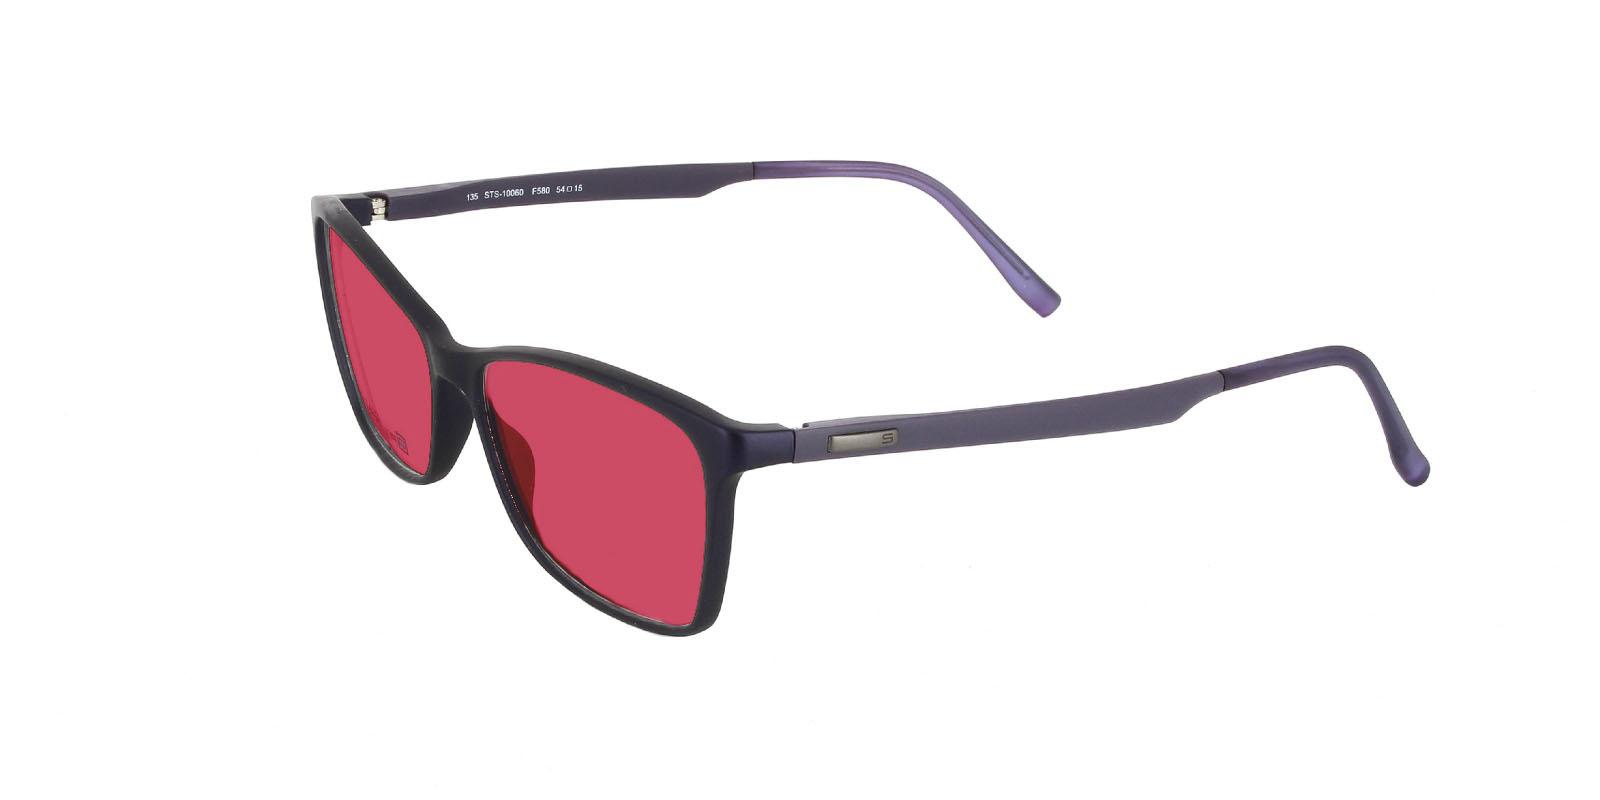 consegna gratuita più amato offerte esclusive color vision correction glasses